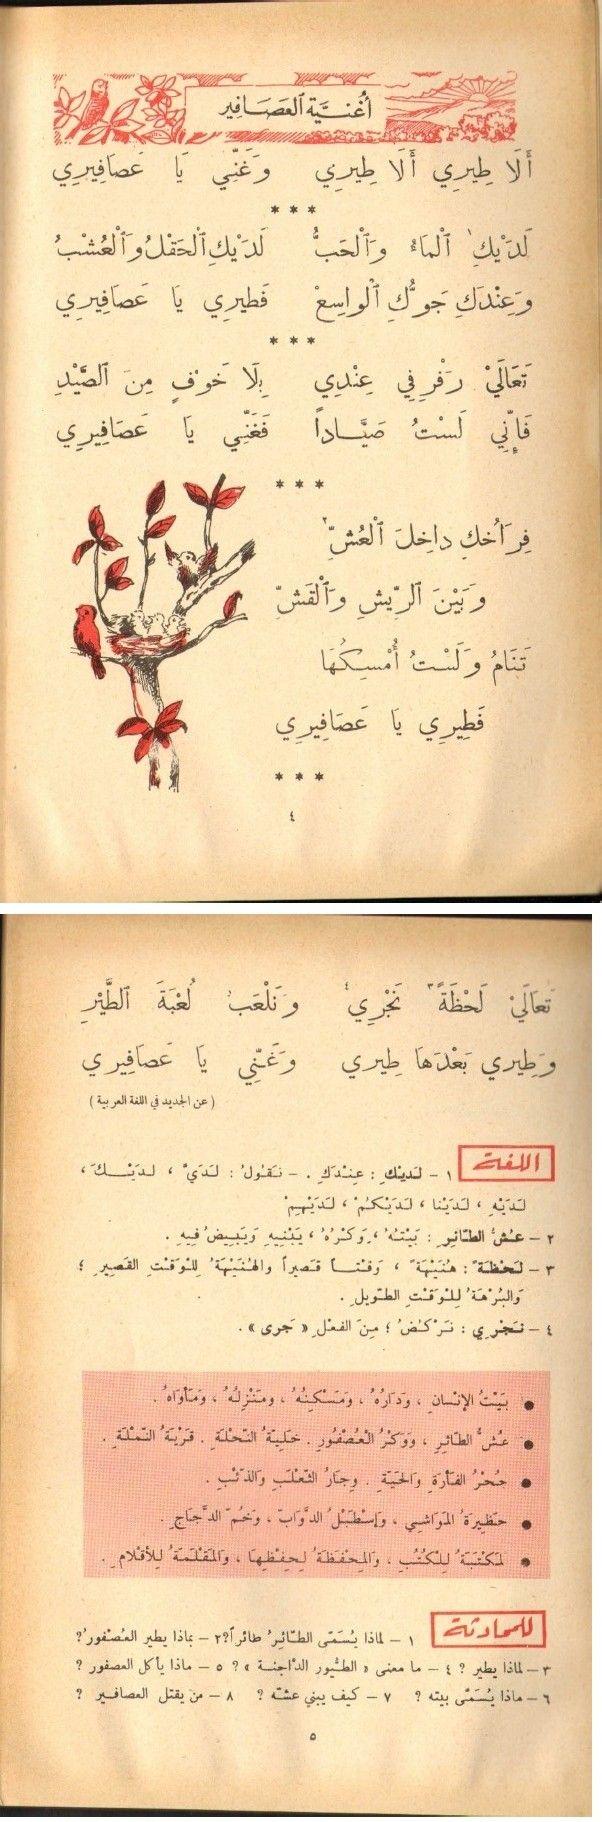 حدائق القراءة مرحلة التعليم الابتدائي الجزء الأول الجزائر Kids Education Arabic Kids Arabic Worksheets